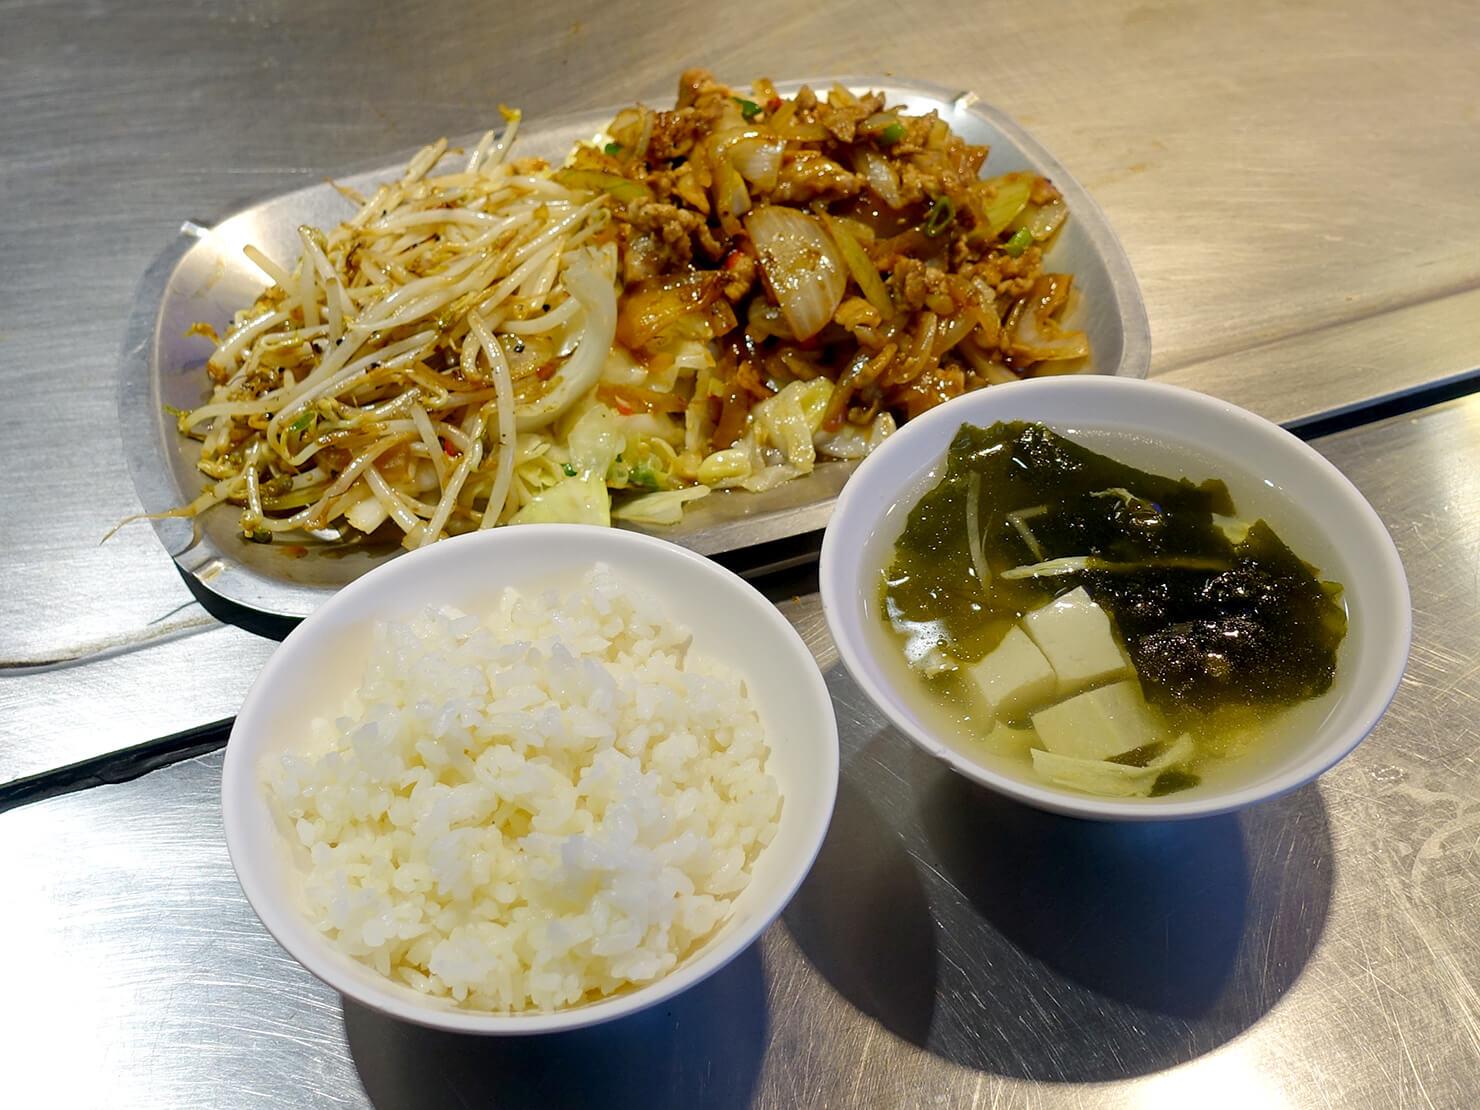 台北・公館夜市のおすすめグルメ店「喫尤平價鐵板燒」の豬肉片セット